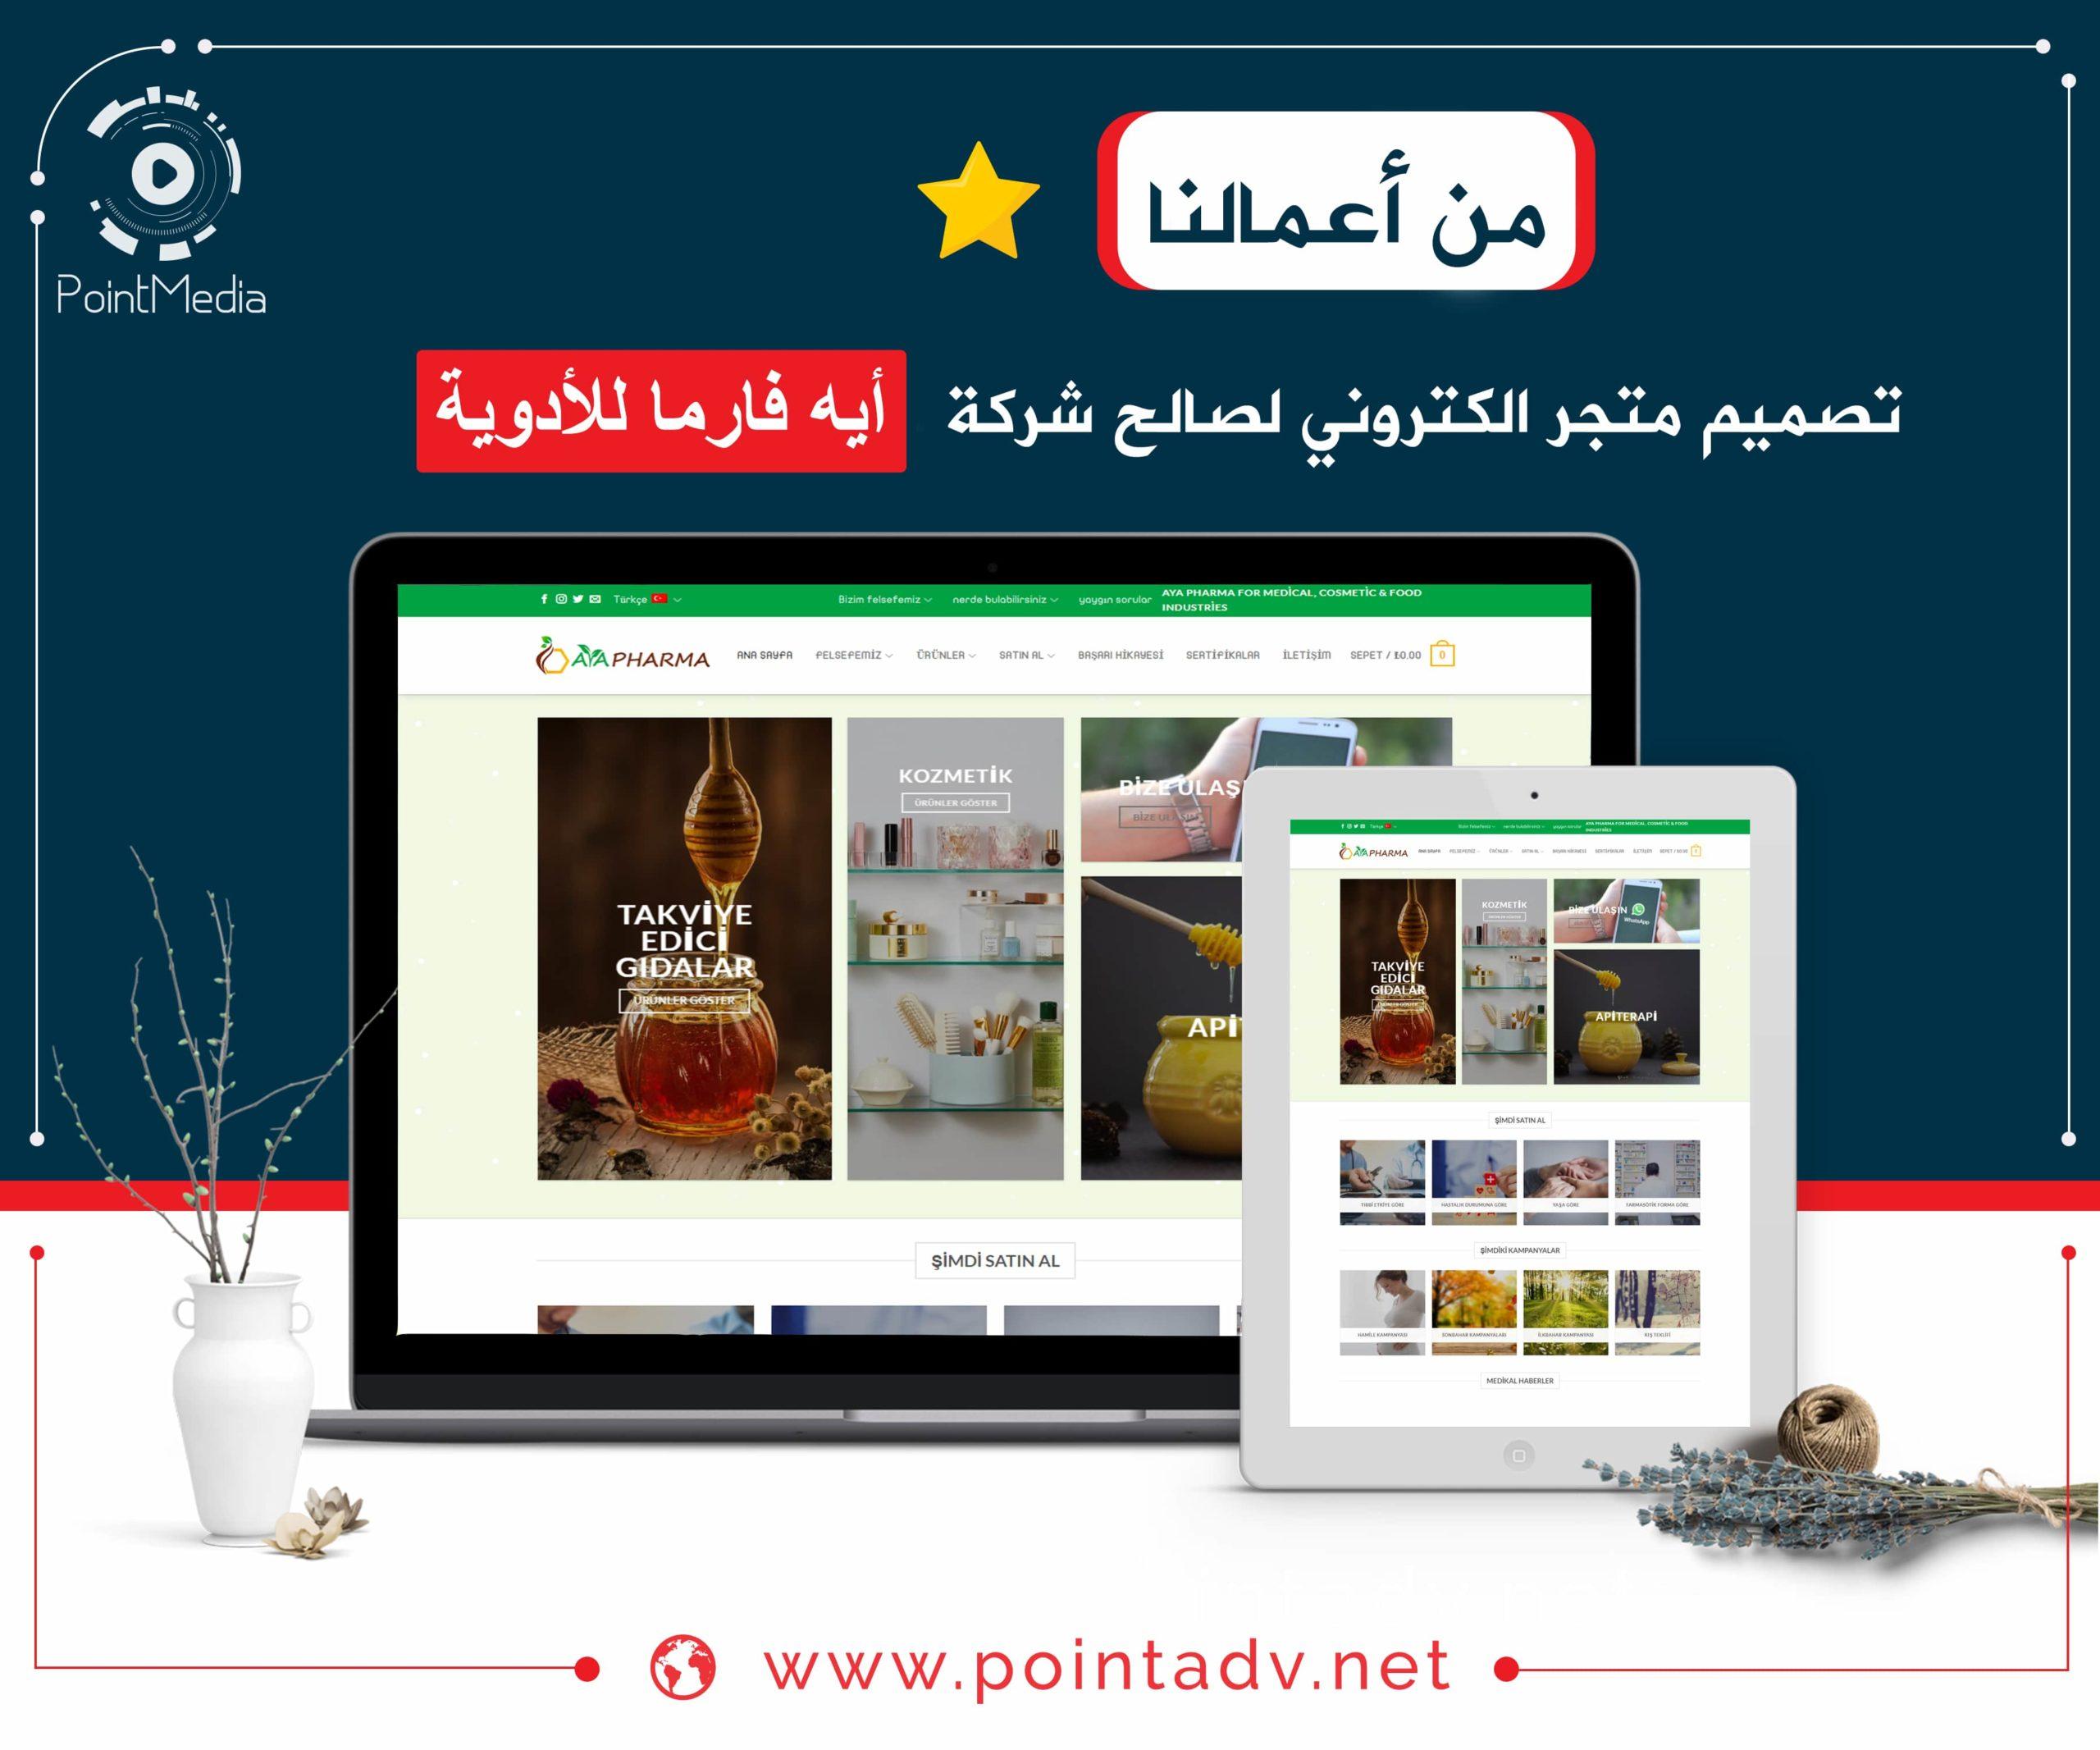 تصميم مواقع الكترونية في تركيا لصالح ايه فارما